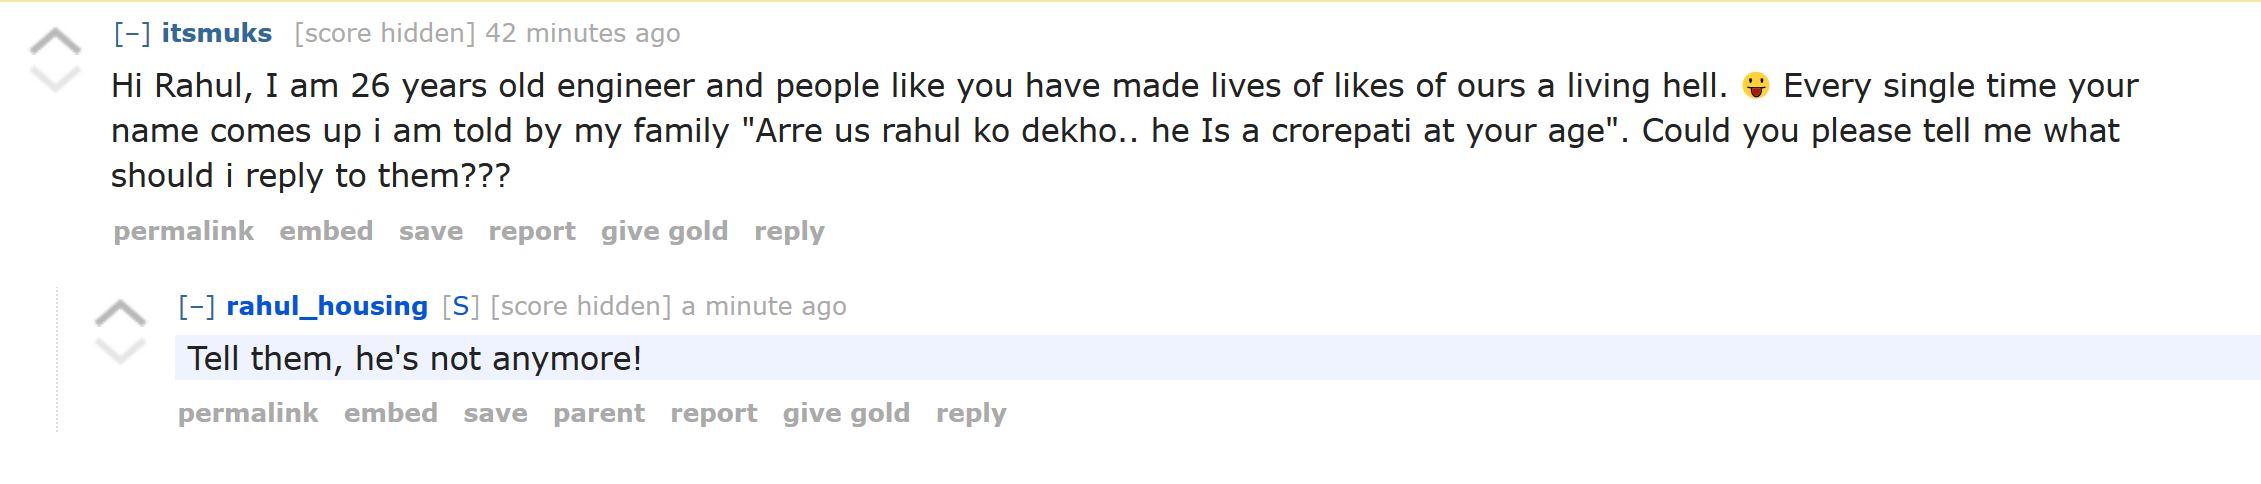 Rahul18